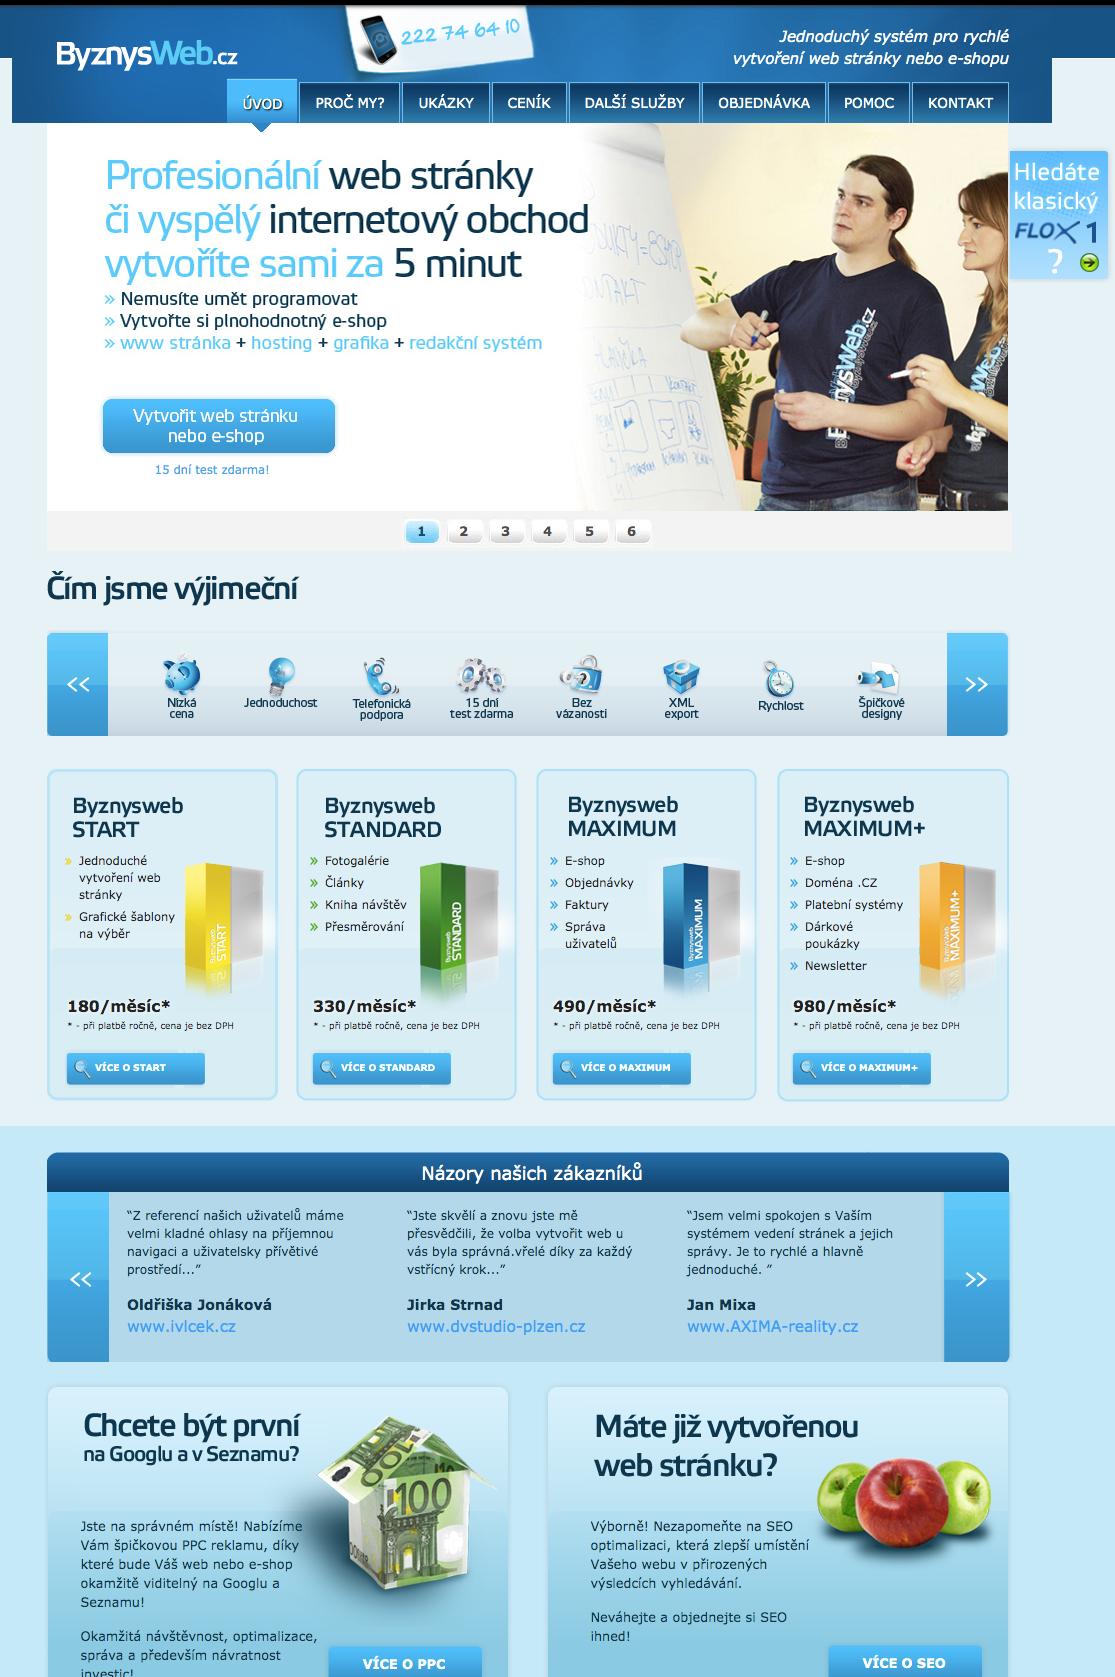 design ByznysWebu v roce 2013